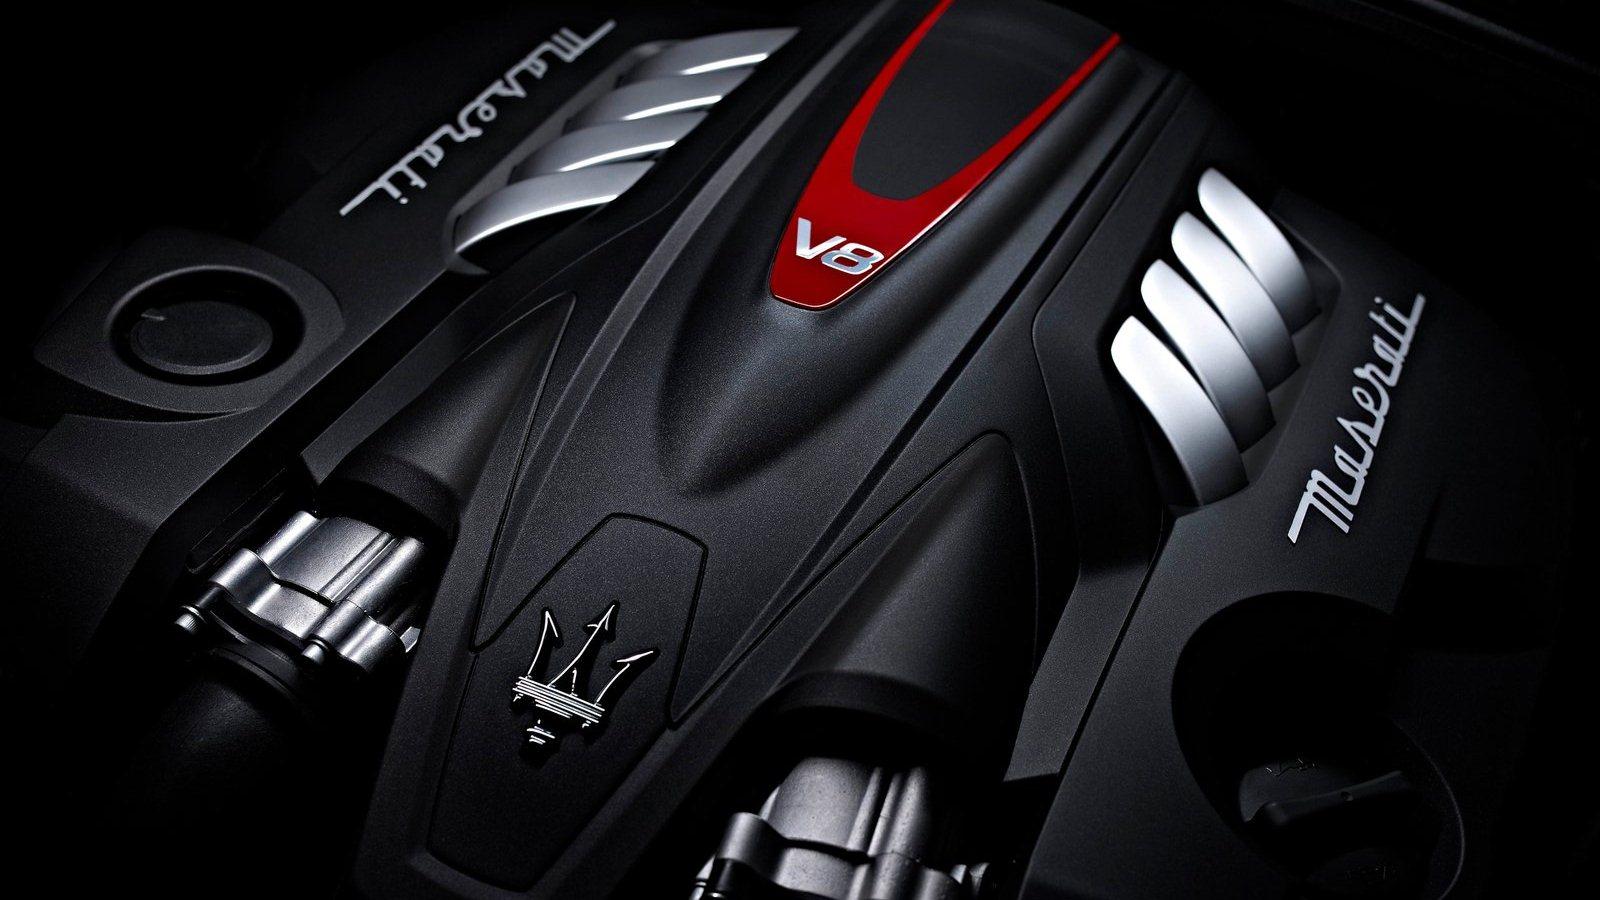 http://4.bp.blogspot.com/-1kAdz7Z097A/UKqHkAAx9pI/AAAAAAAAHXU/UyEy3B7omjI/s1600/Maserati-Quattroporte_2013_1600x1200_wallpaper_06.jpg